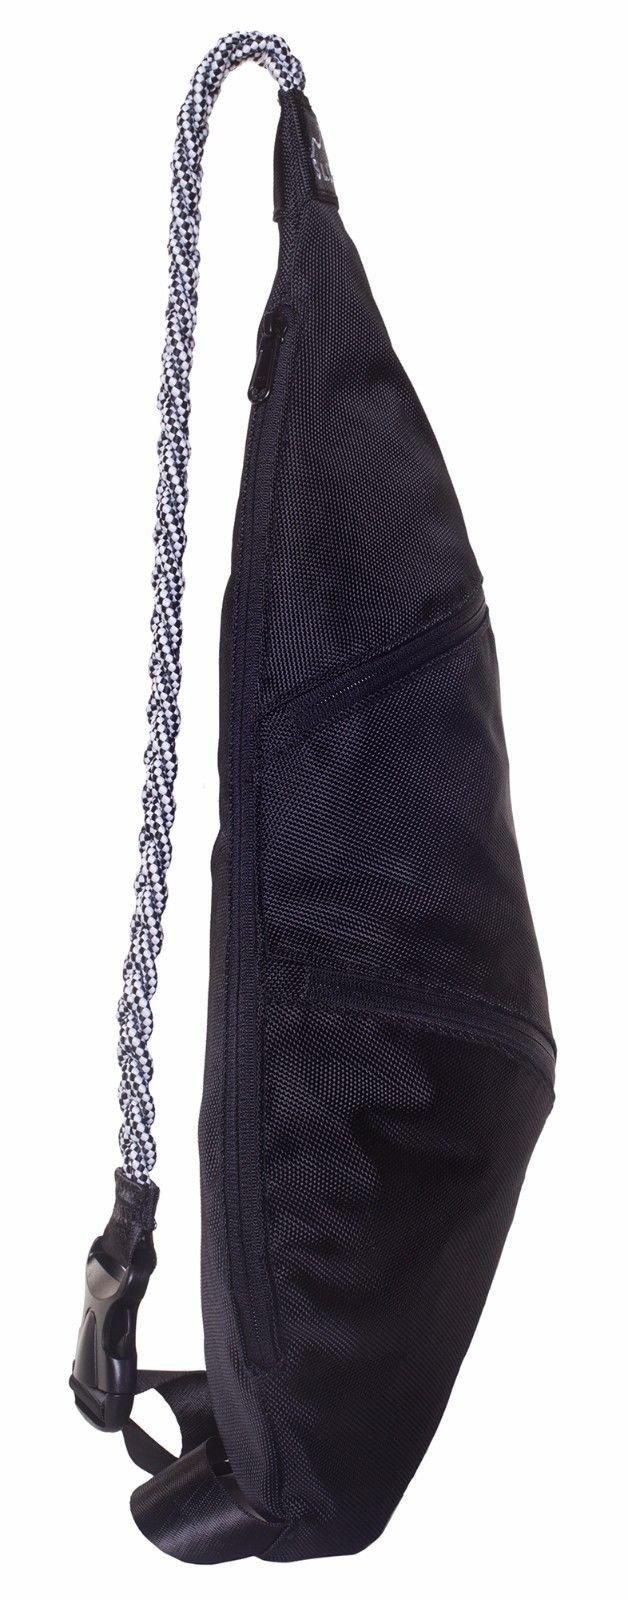 Slope Rope Bag Casual Crossbody Everyday Shoulder Sling Backpack Updated Version